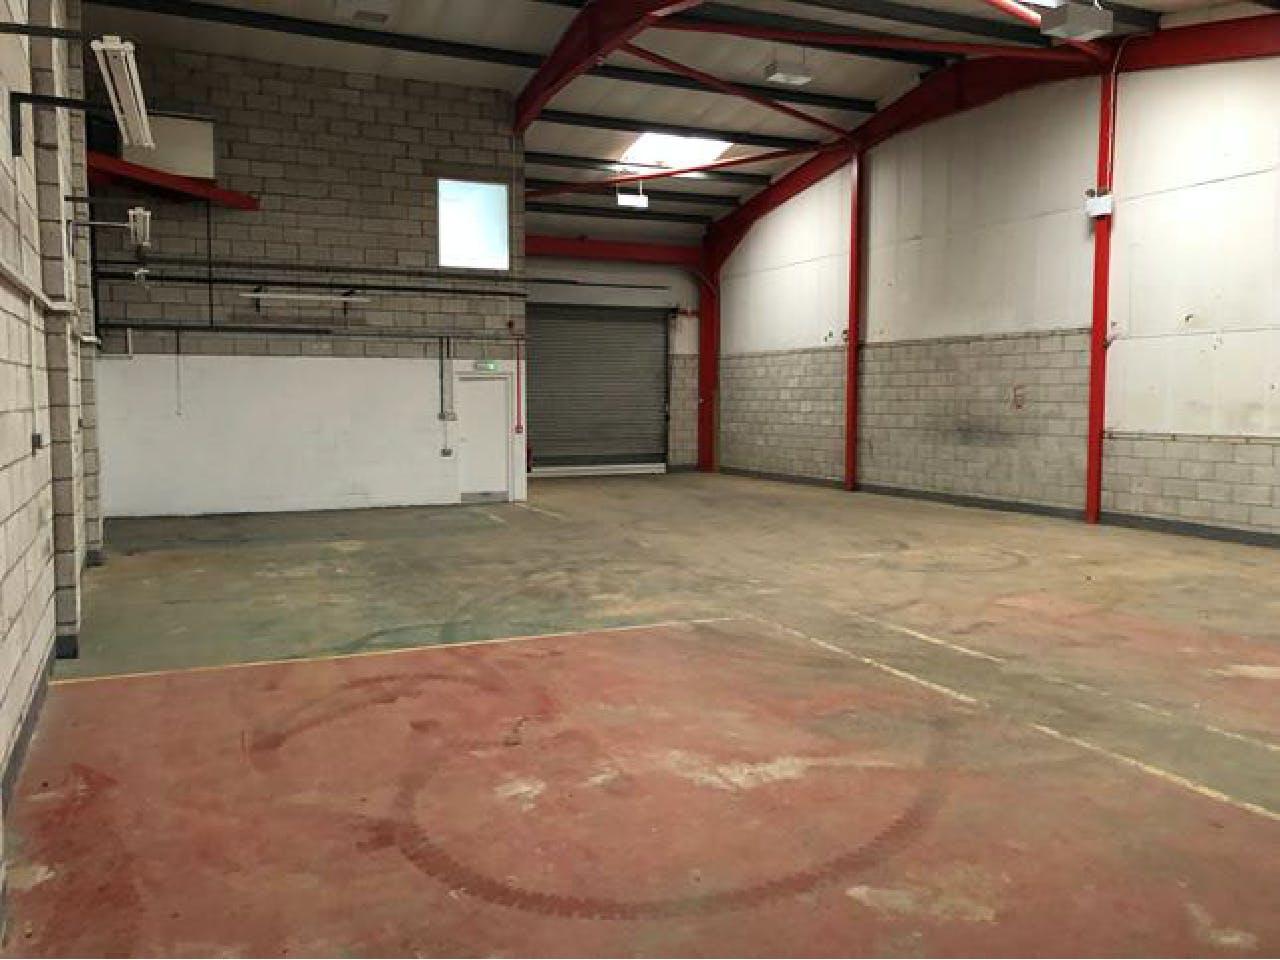 Coed Y Parc Industrial Estate, Bethesda, Gwynedd To Let - Bethesda  Image 5.jpg